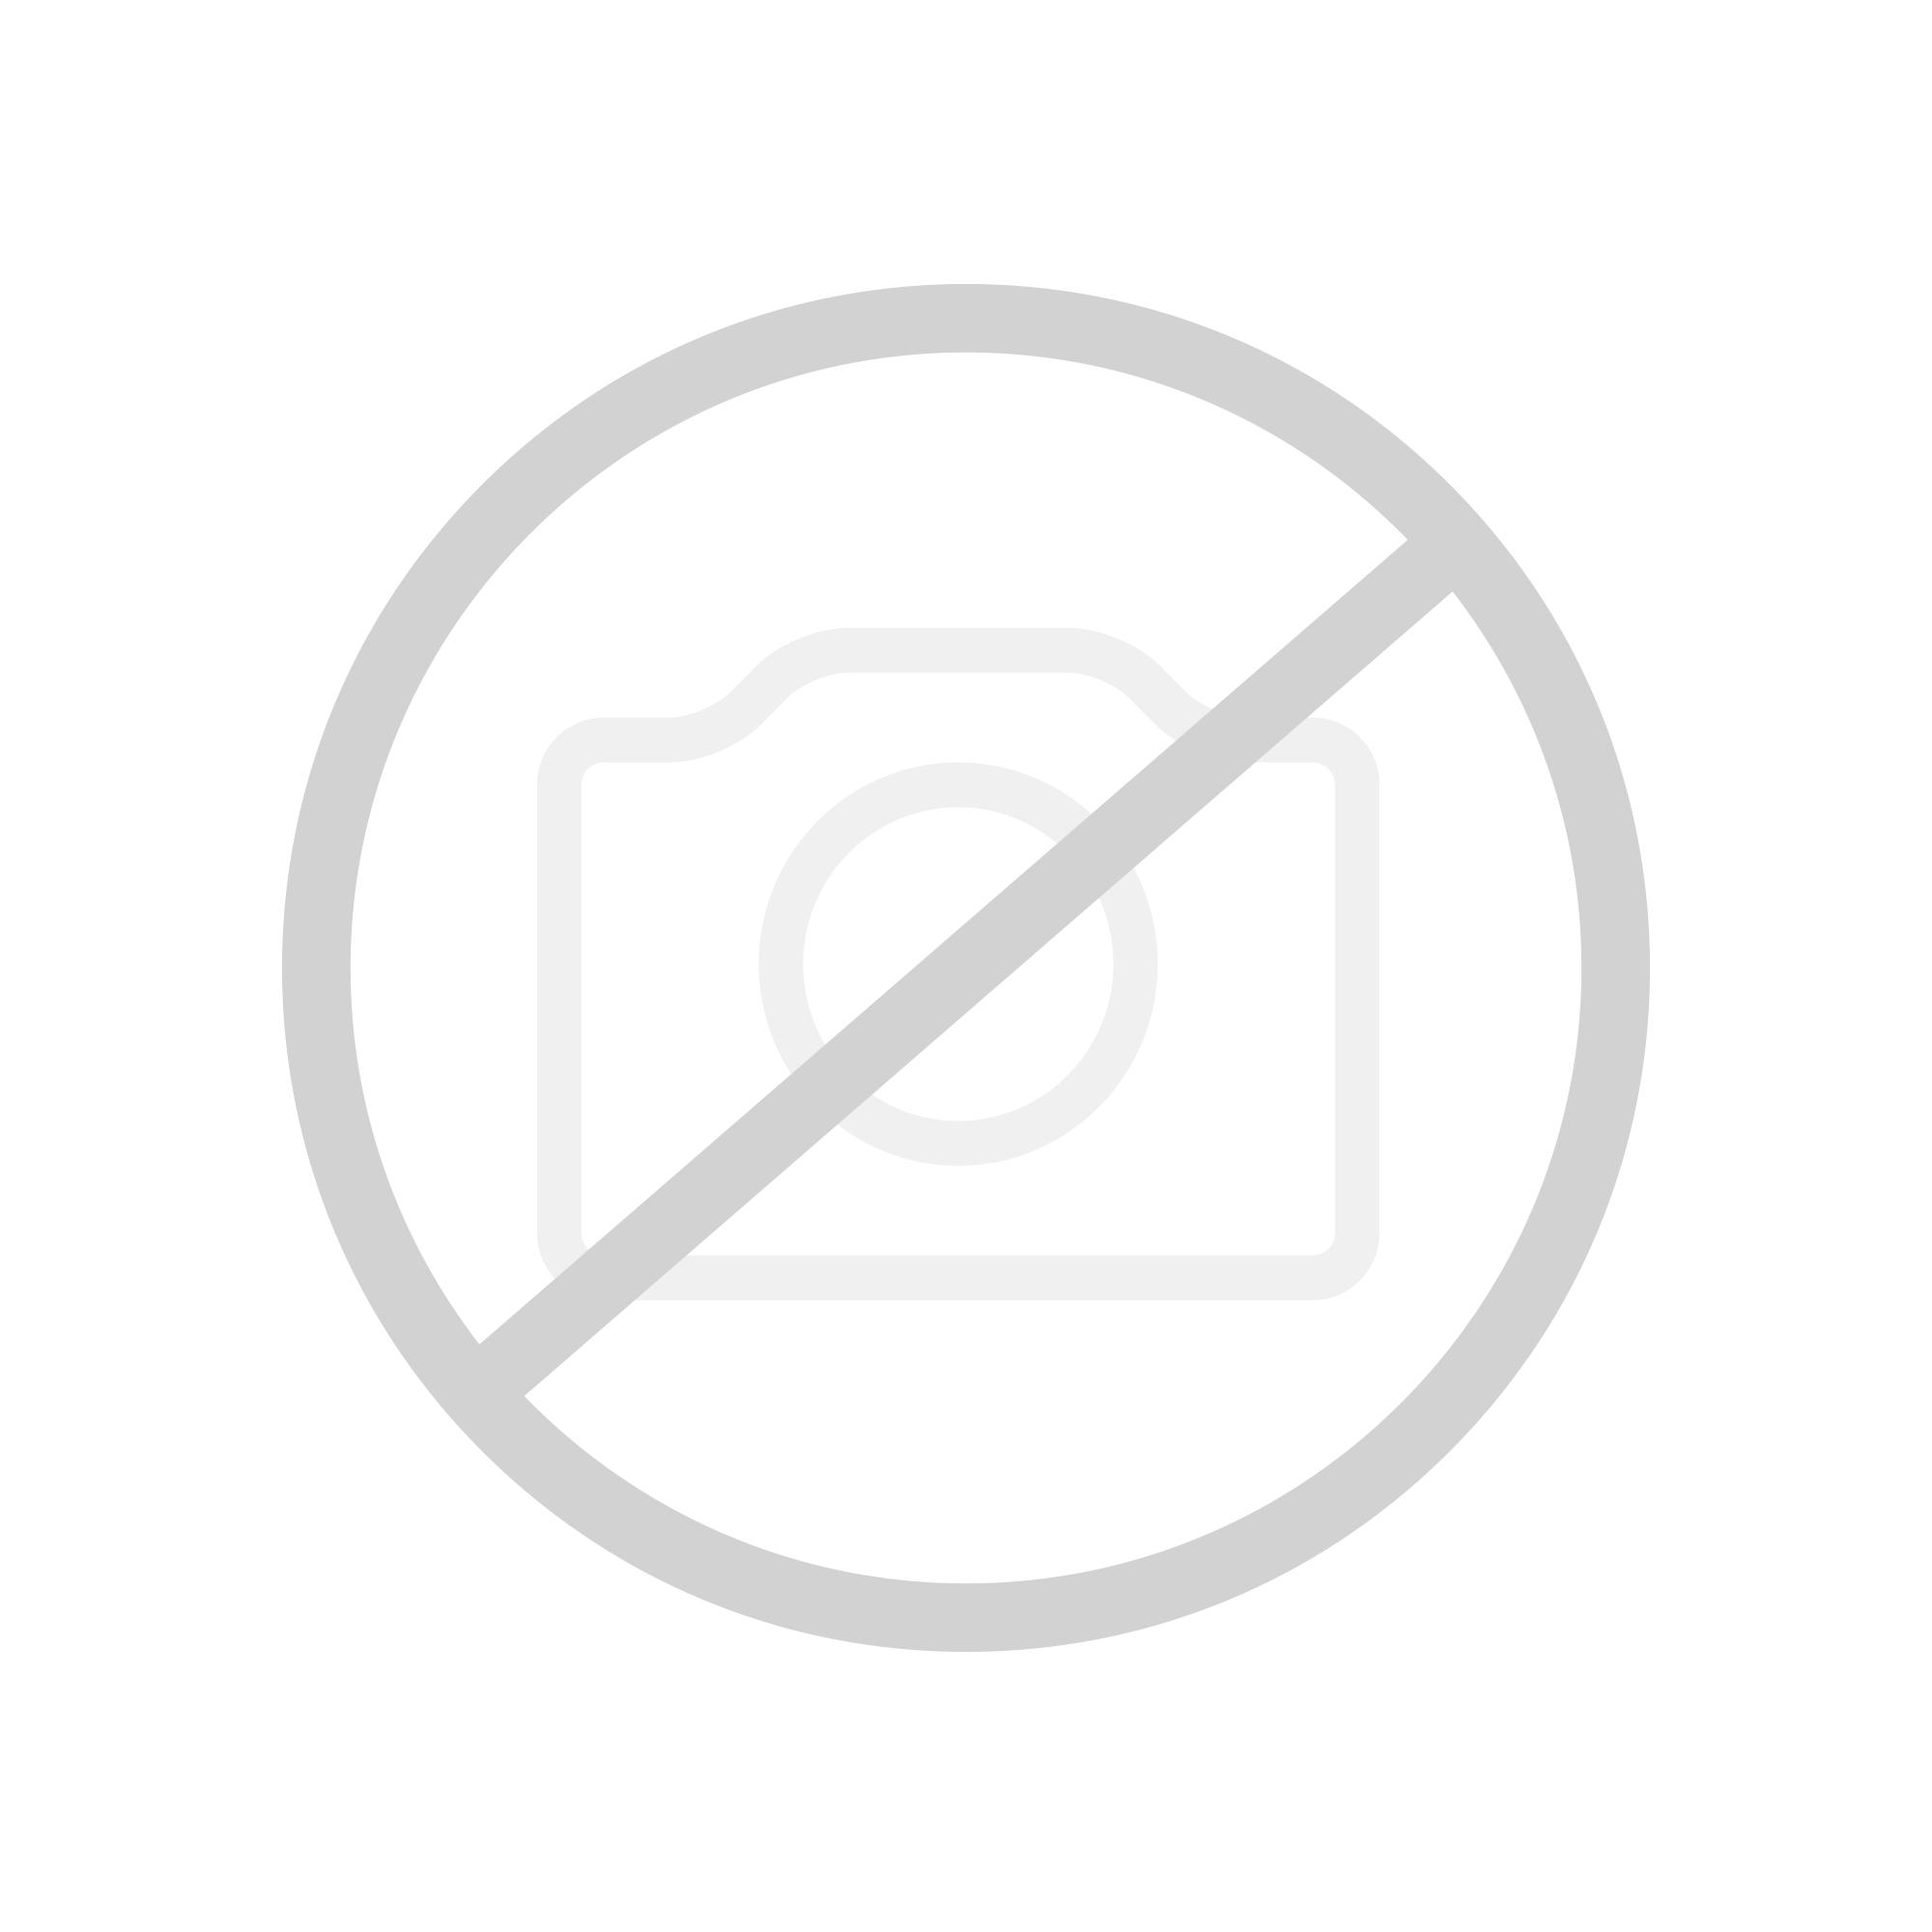 Keramag Renova Nr. 1 Plan Waschtisch weiß mit 1 Hahnloch mit Überlauf